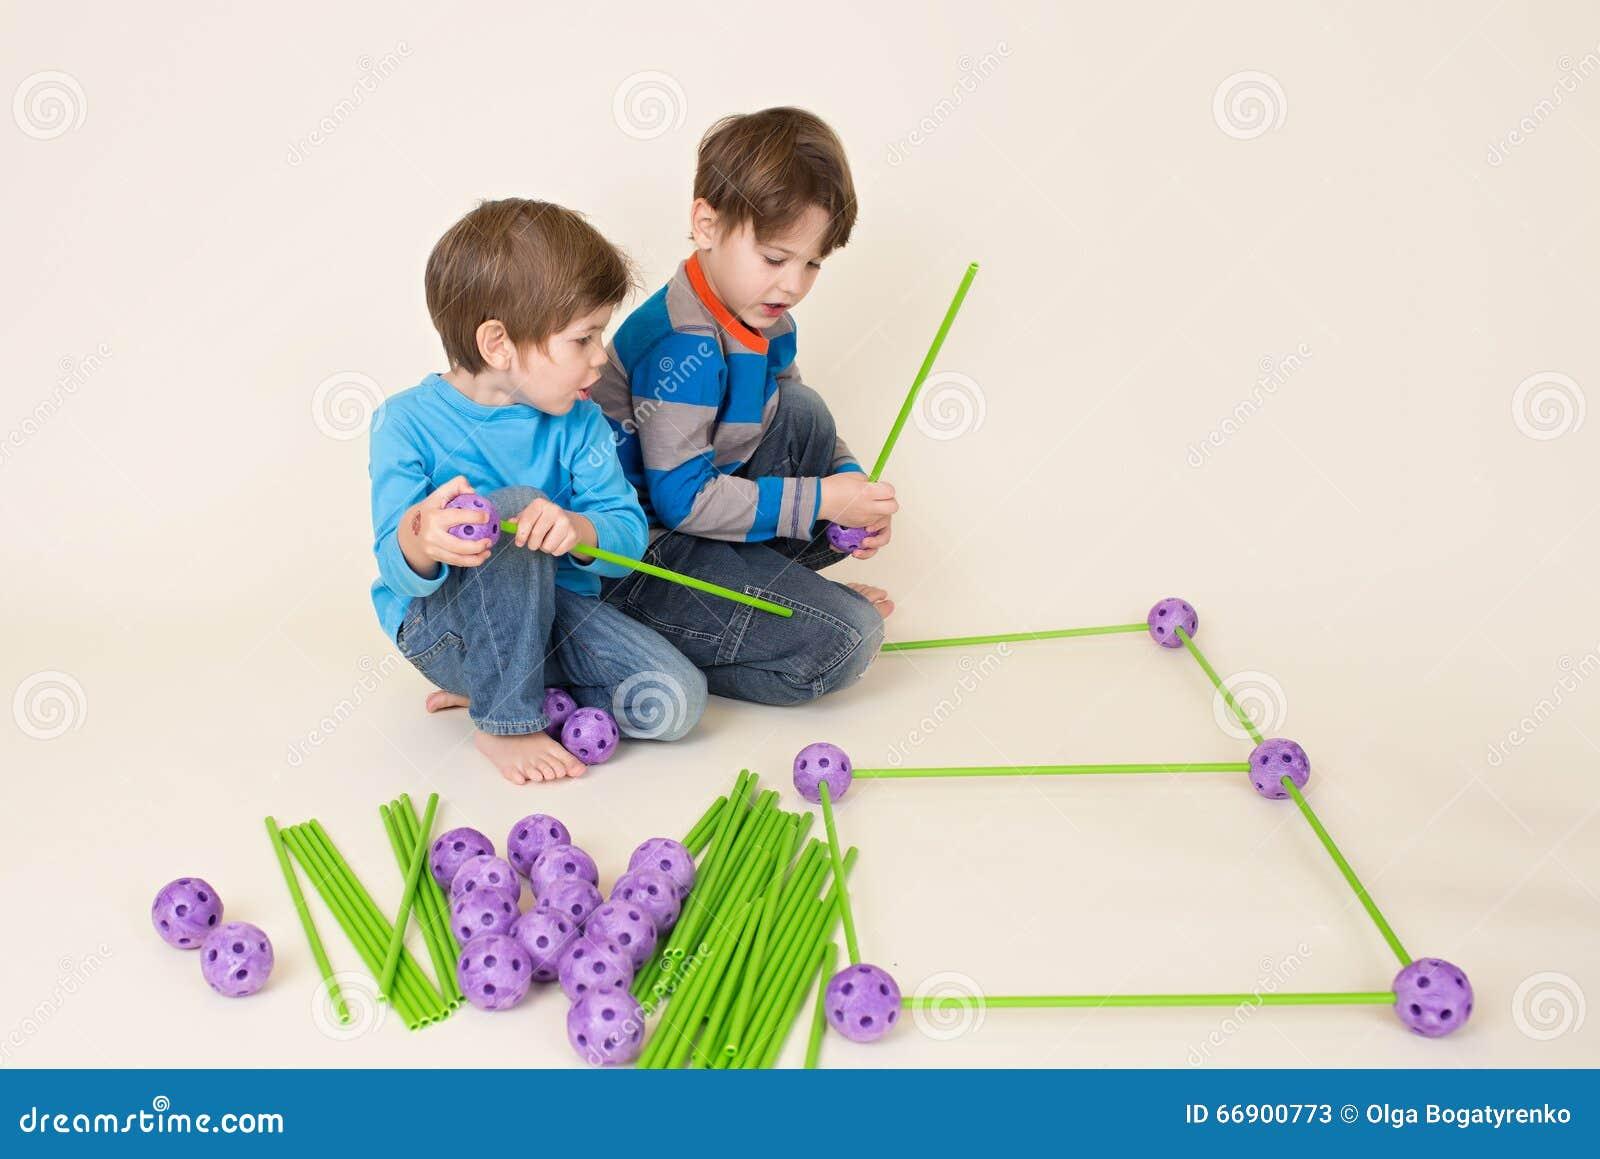 Ungar som bygger ett fort och dela